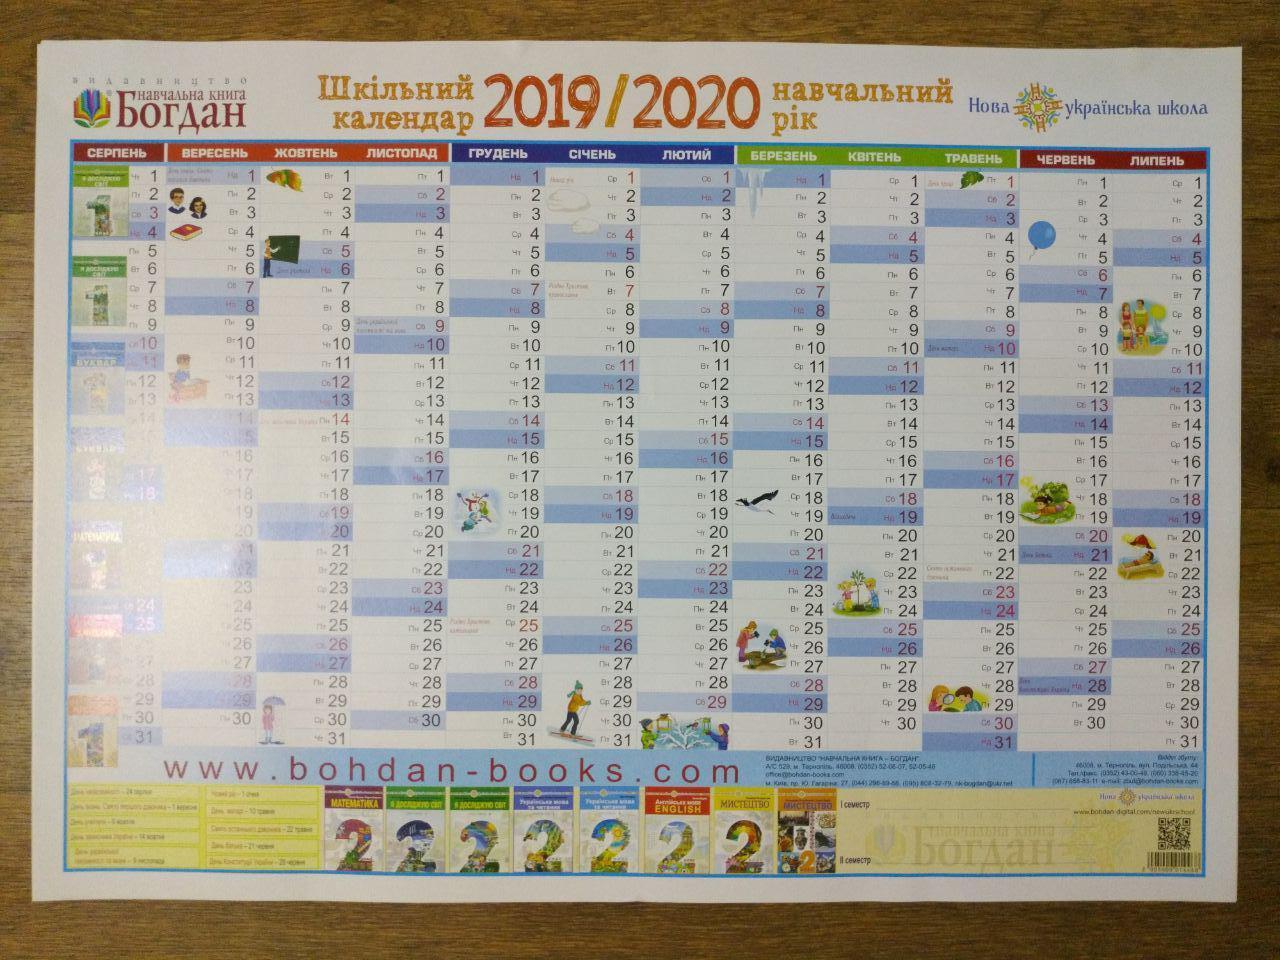 """Плакат """"Школьный календарь на 2019/2020 учебный год"""" (на укр.яз.)"""